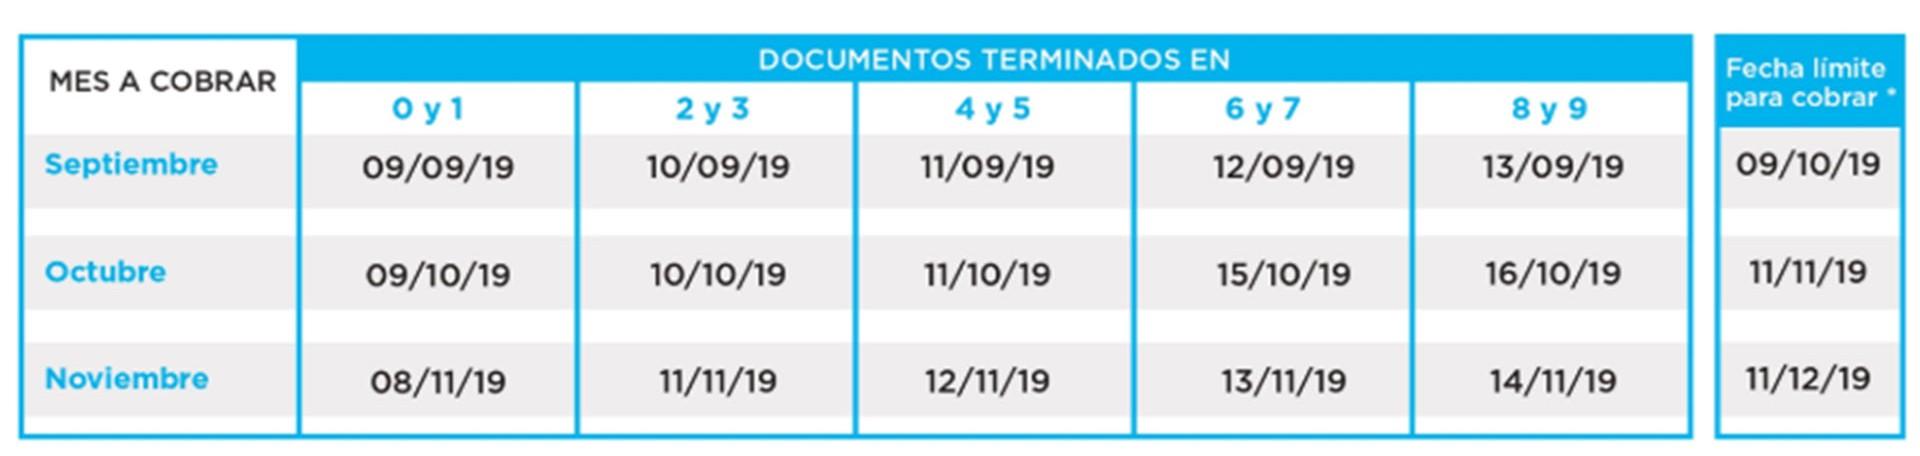 Calendarios de pagos GOB SF (5)